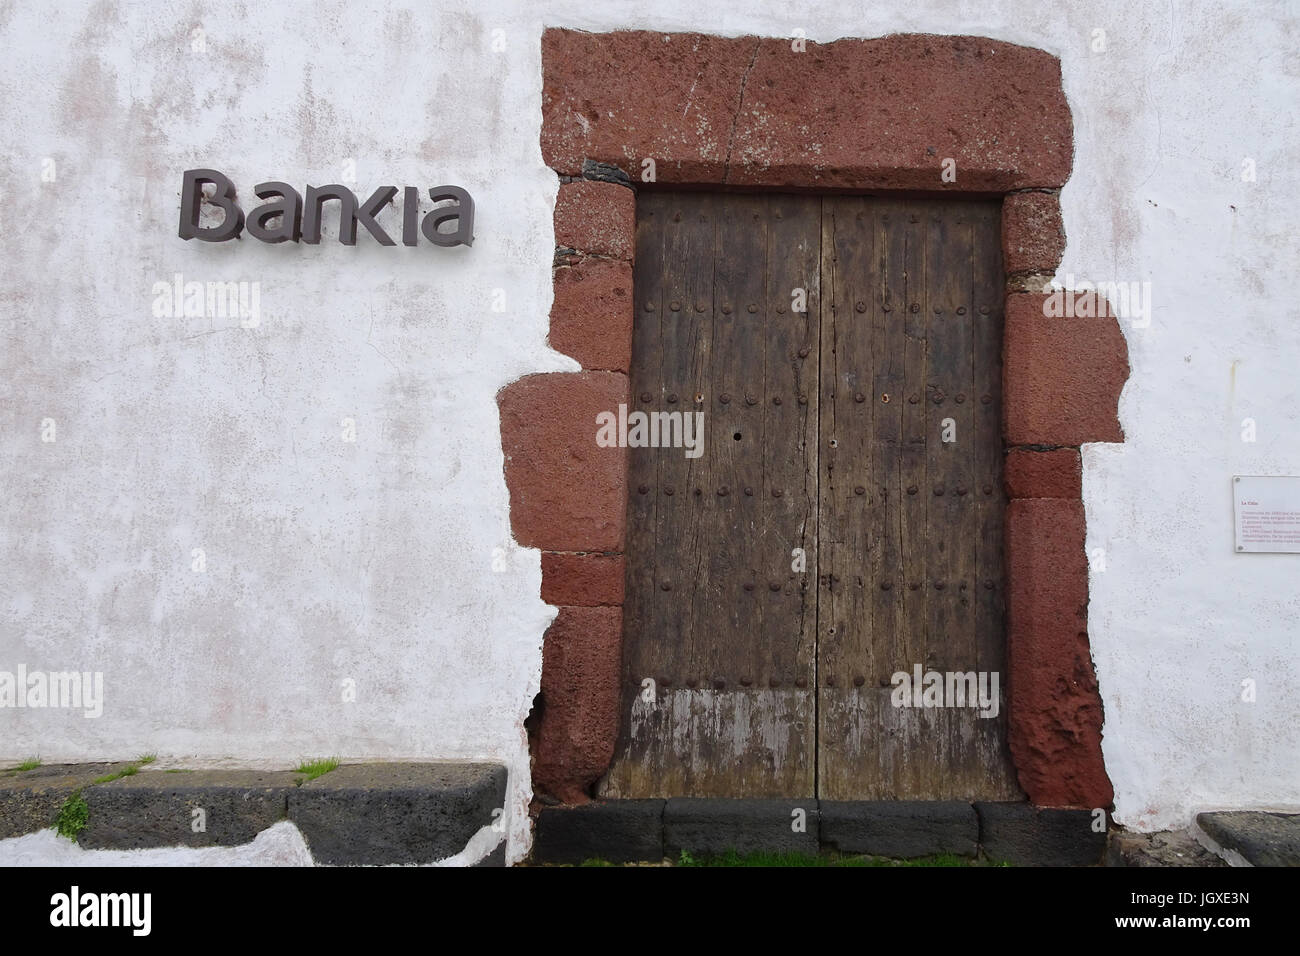 Bankia, alte Holztuer an einem typisch kanarischen Haus, ehemalige Bank, Teguise, Lanzarote, Kanarische Inseln, Europa | Bankia, old wooden door at a  Stock Photo